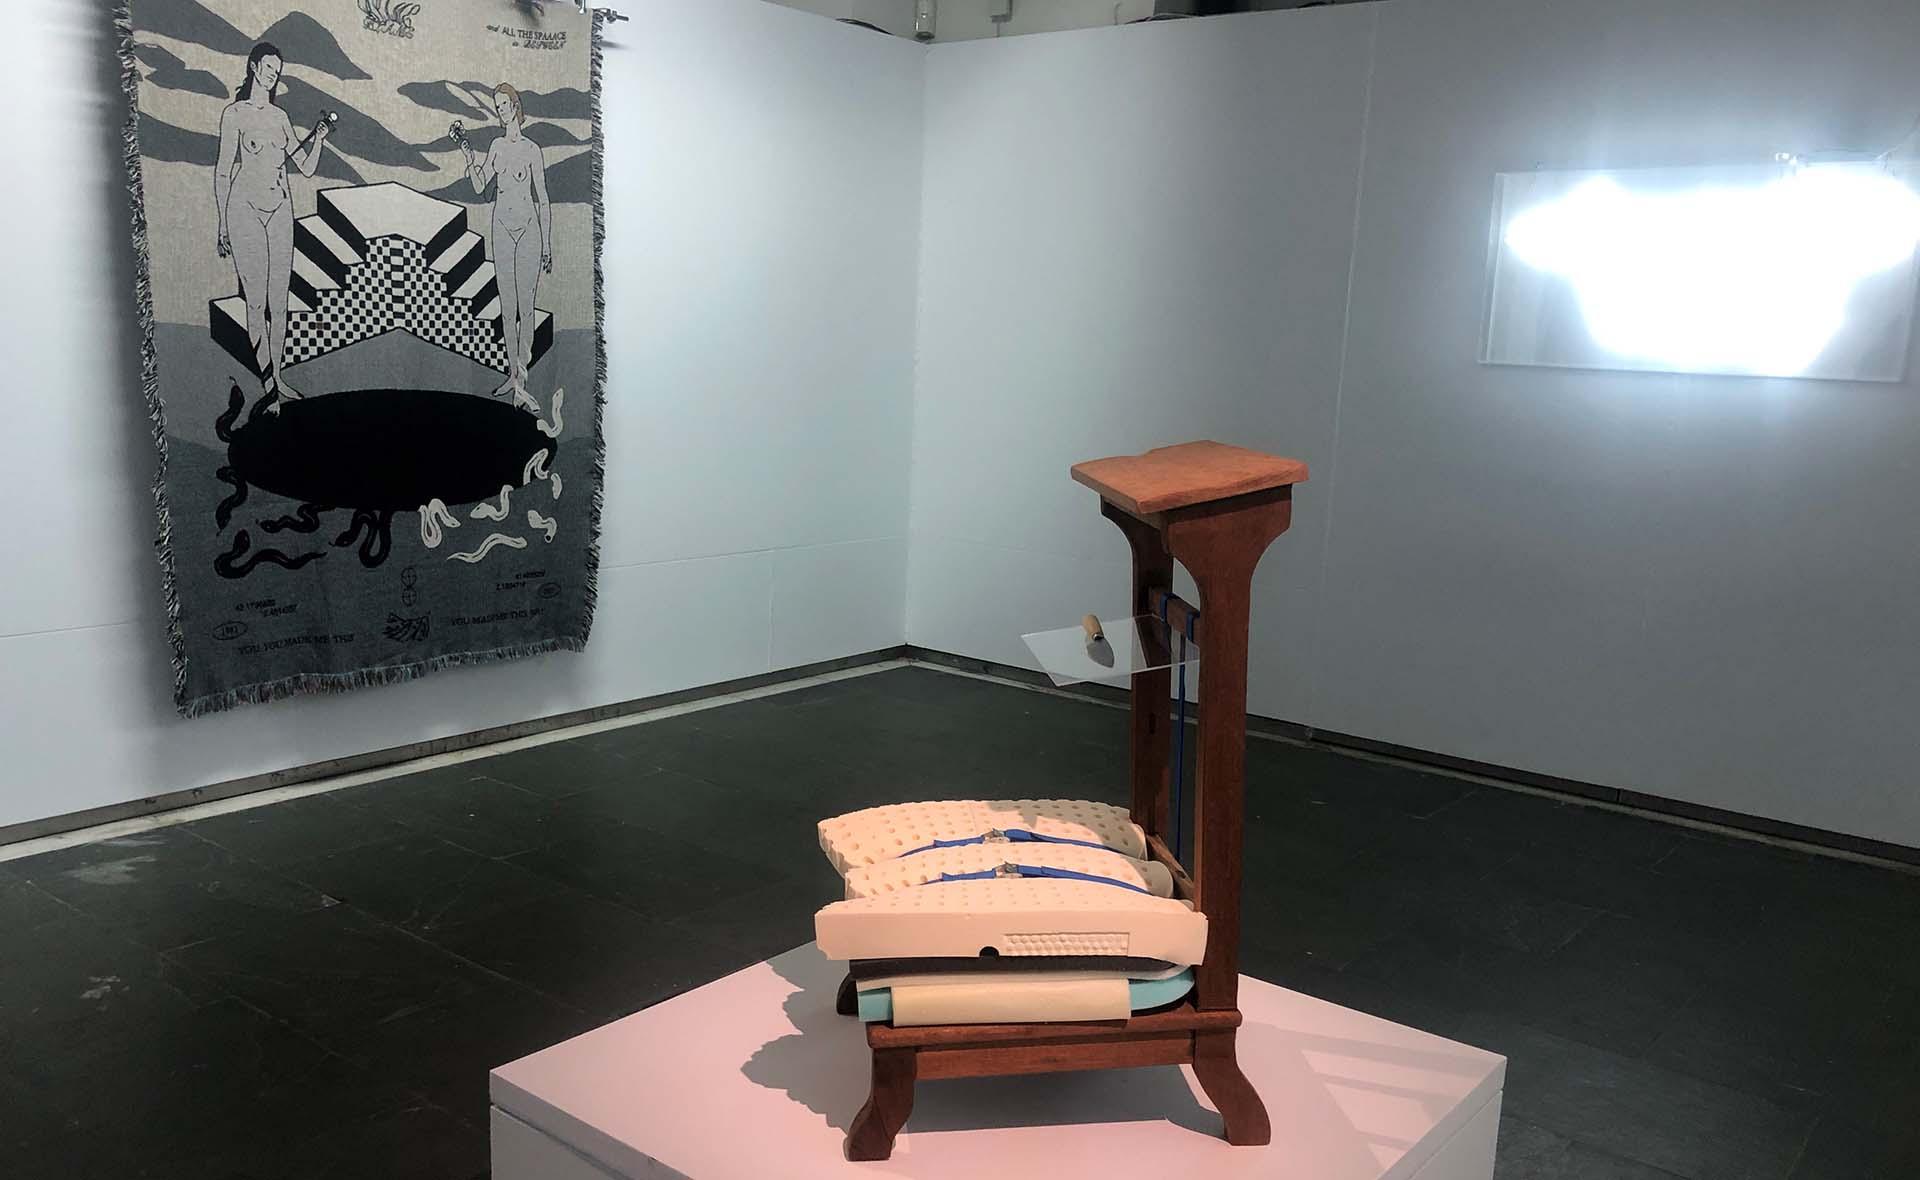 L'obra d'Alícia Vogel i Adrià Gamero i Casellas, exposada al Museu de la Garrotxa